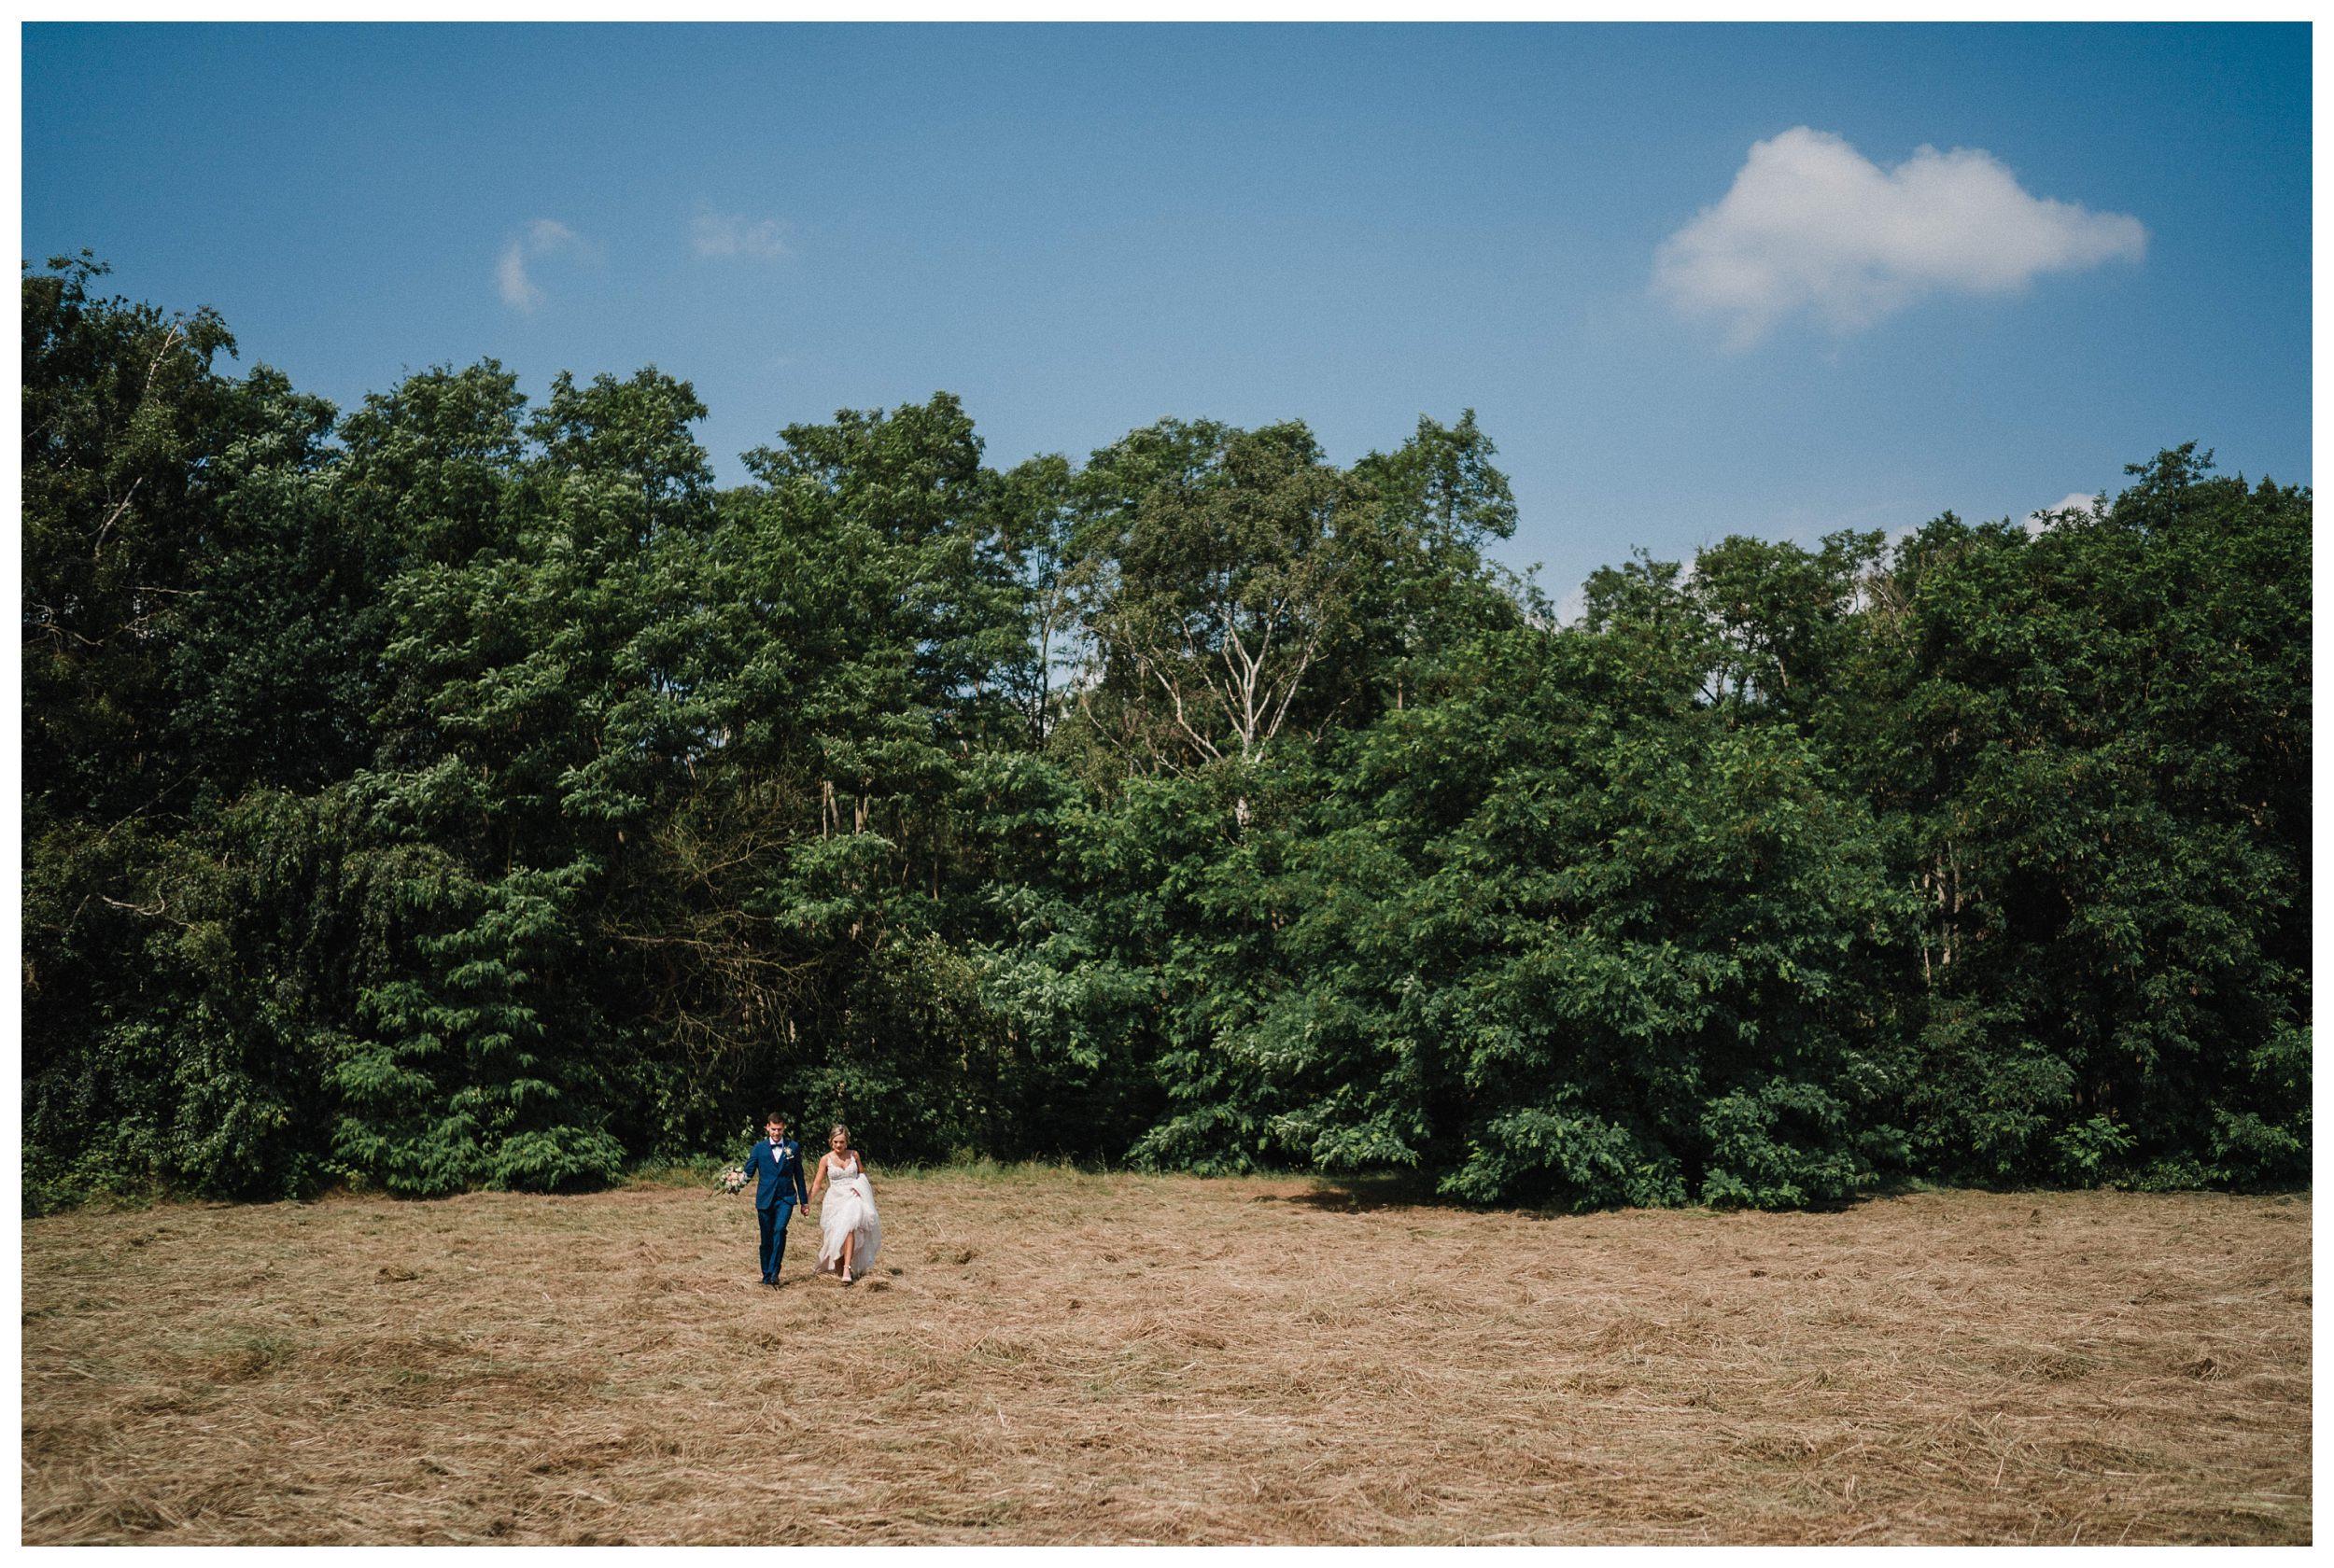 huwelijksfotograaf bruidsfotograaf destinationwedding huwelijksfotografie in mol oostham (20).jpg